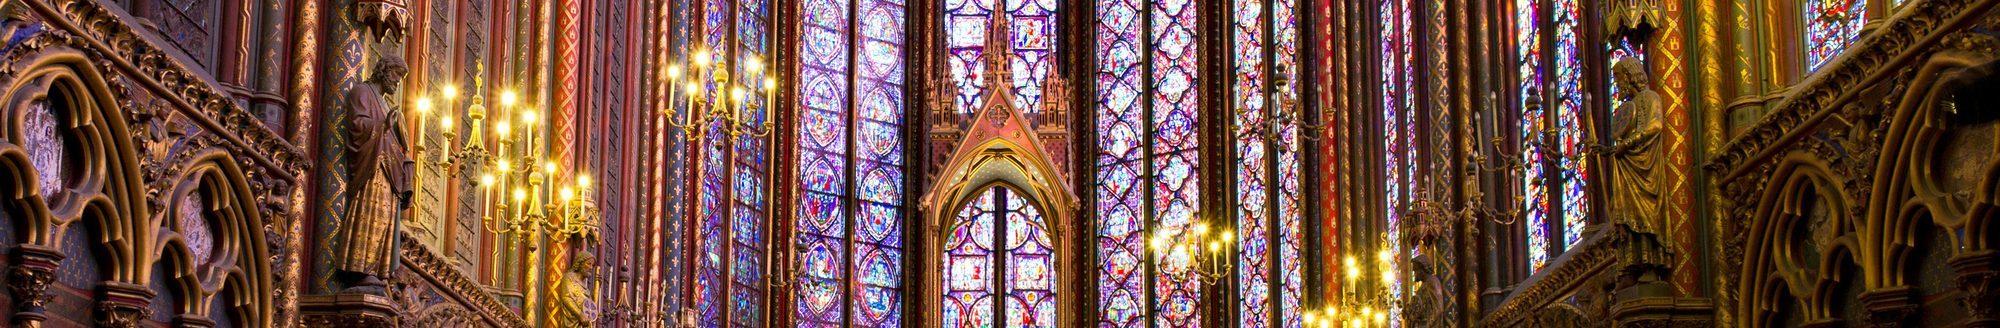 Sainte-Chapelle of Paris